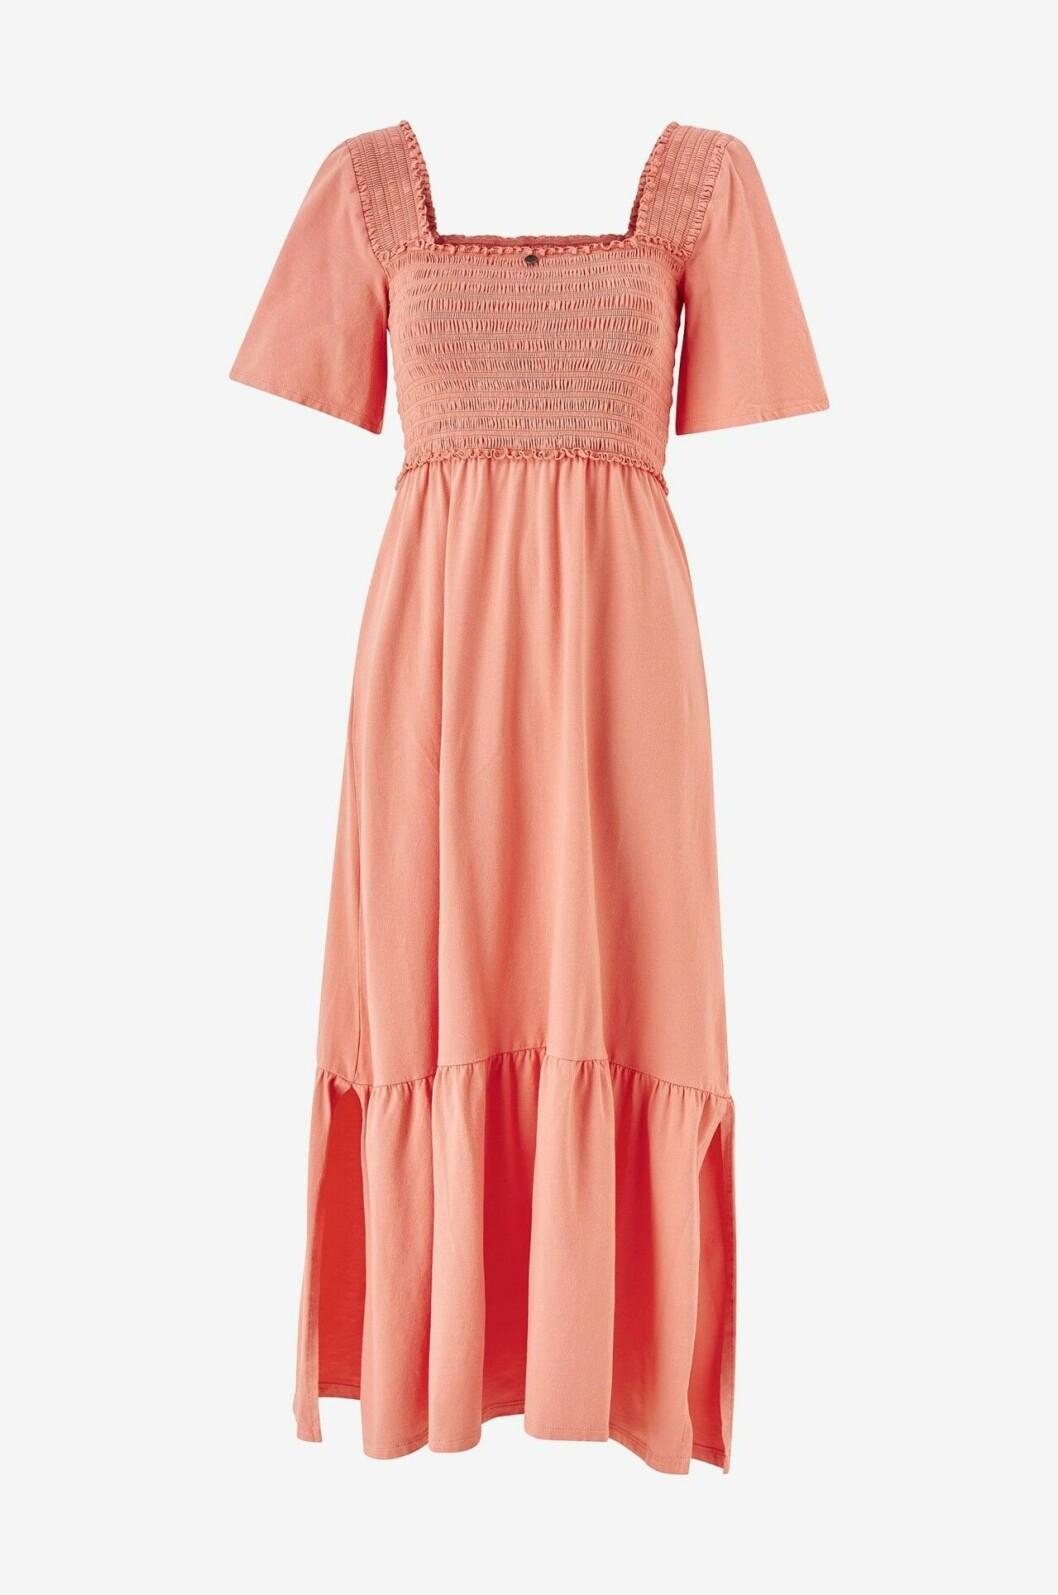 Rosa klänning med smock och volanger till 2020